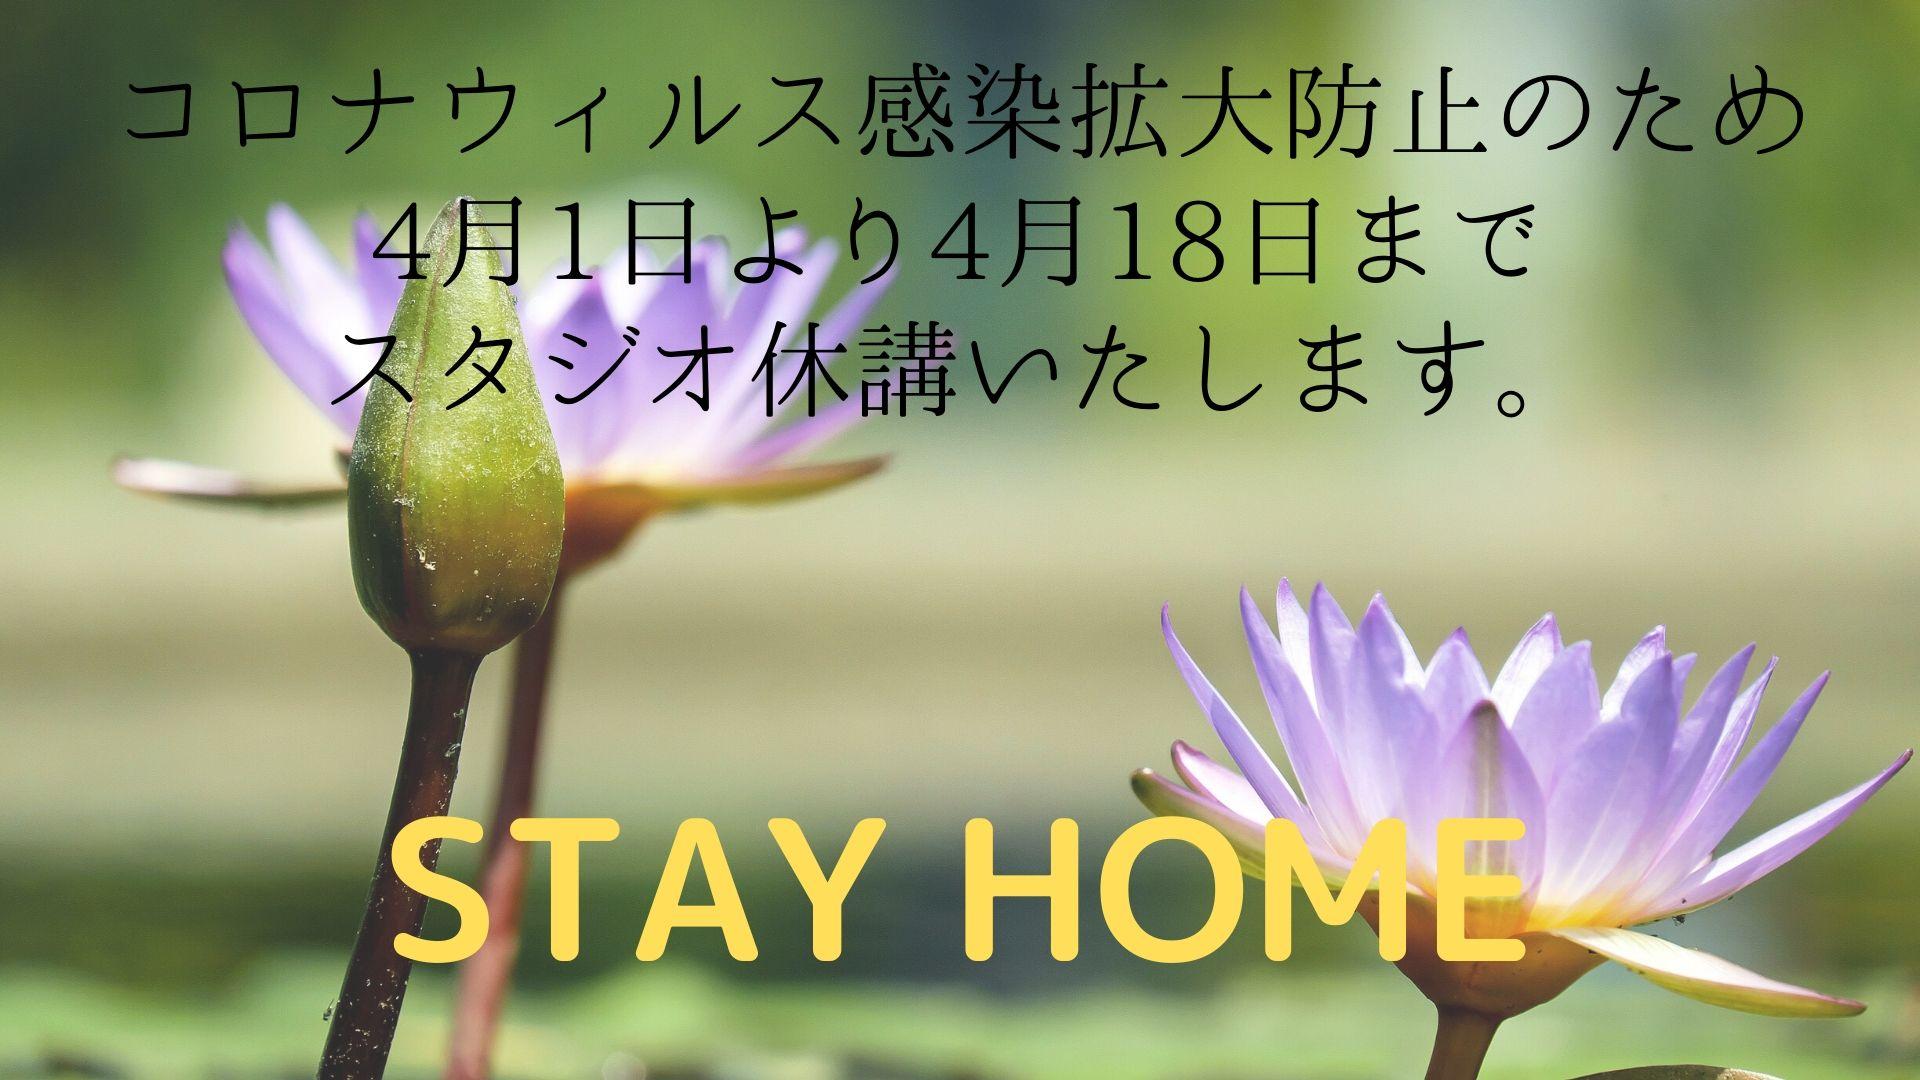 スタジオよりお知らせ 〜休講のご案内〜